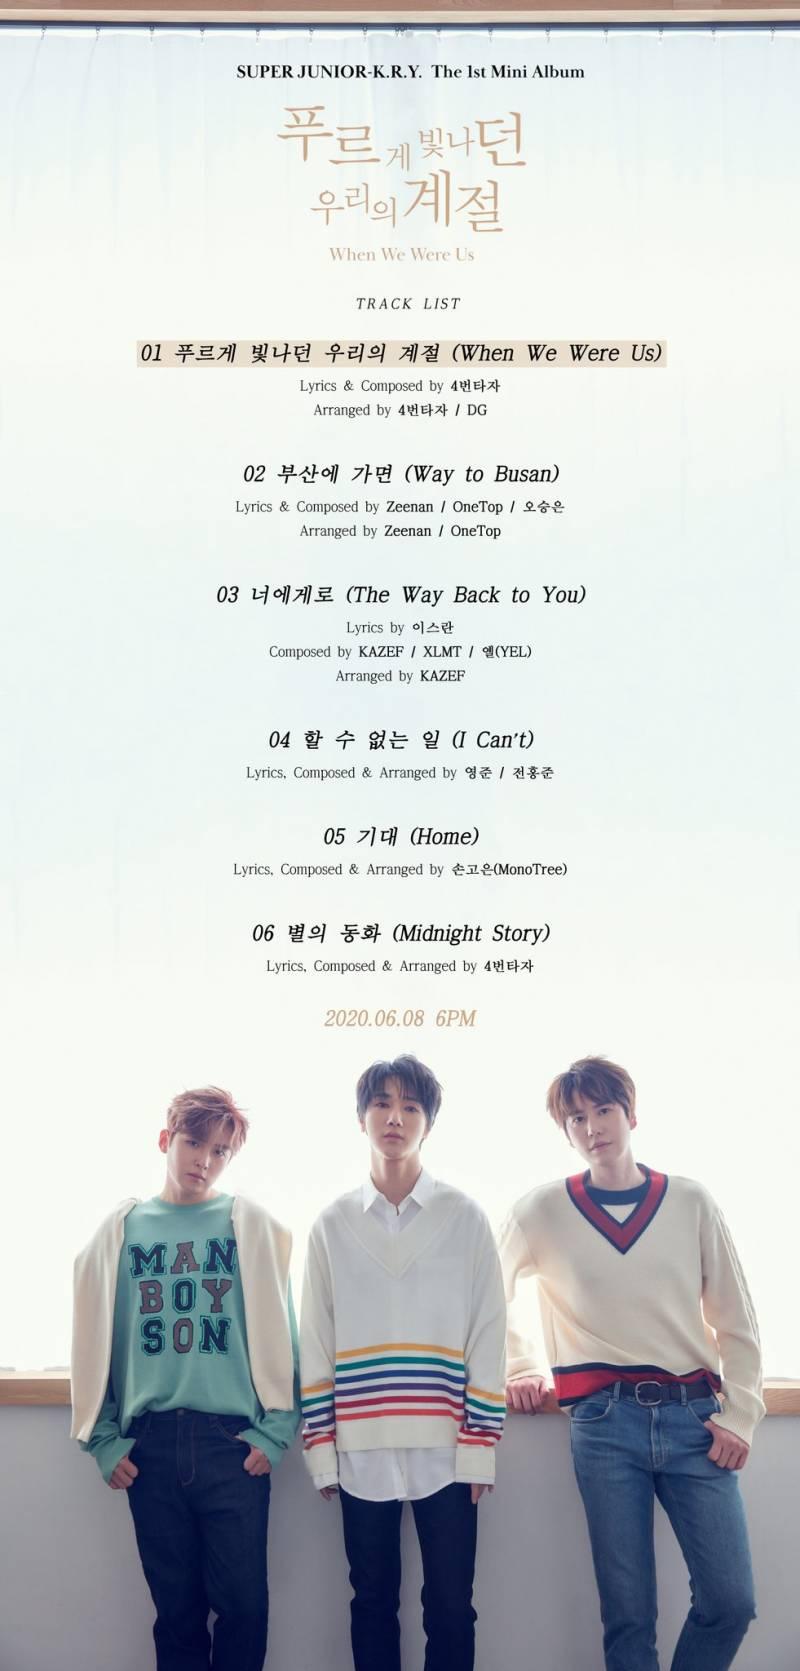 8일(월), 💙슈퍼주니어 K.R.Y. 첫 미니앨범💙 | 인스티즈